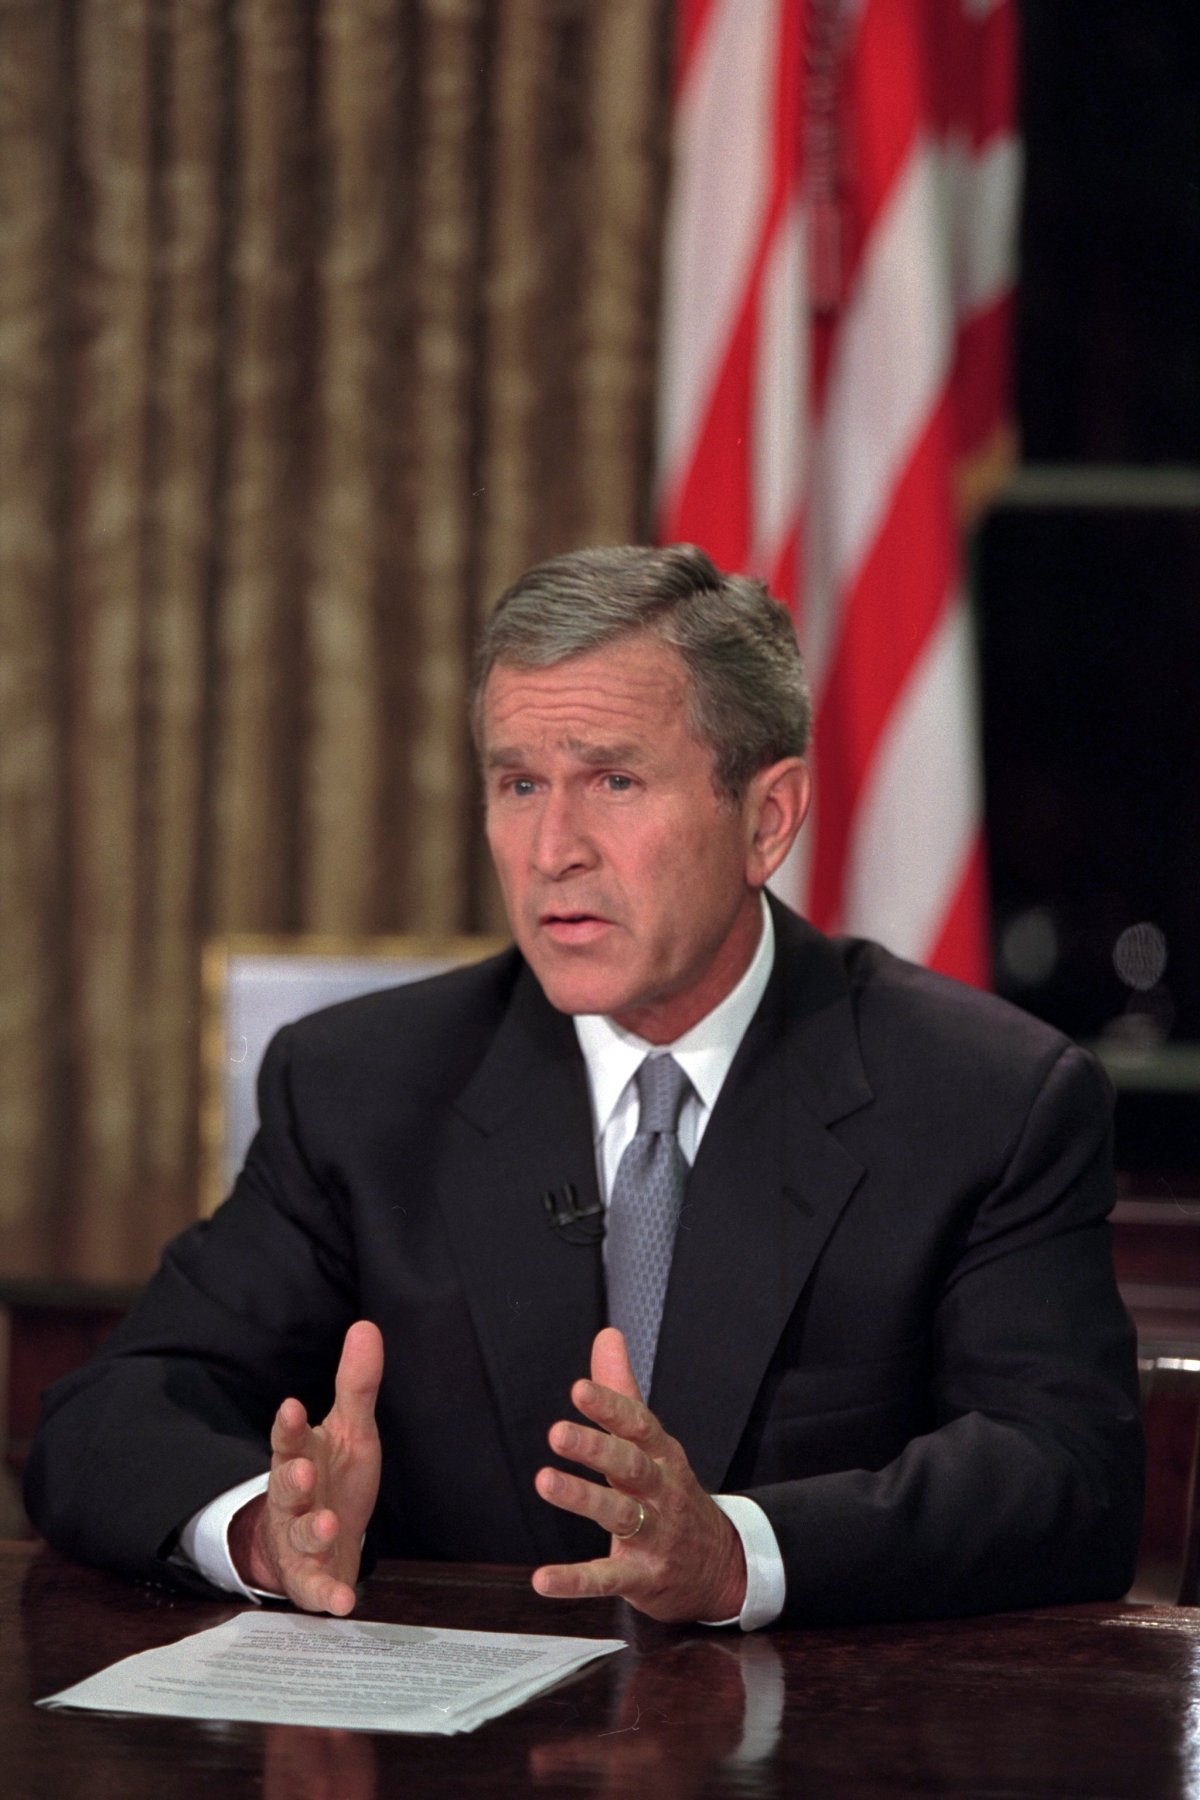 Sau hàng loạt cuộc họp, Tổng thống Bush tiếp tục xuất hiện trên truyền hình nhằm trấn an người dân Mỹ và thể hiện quyết tâm chống khủng bố.